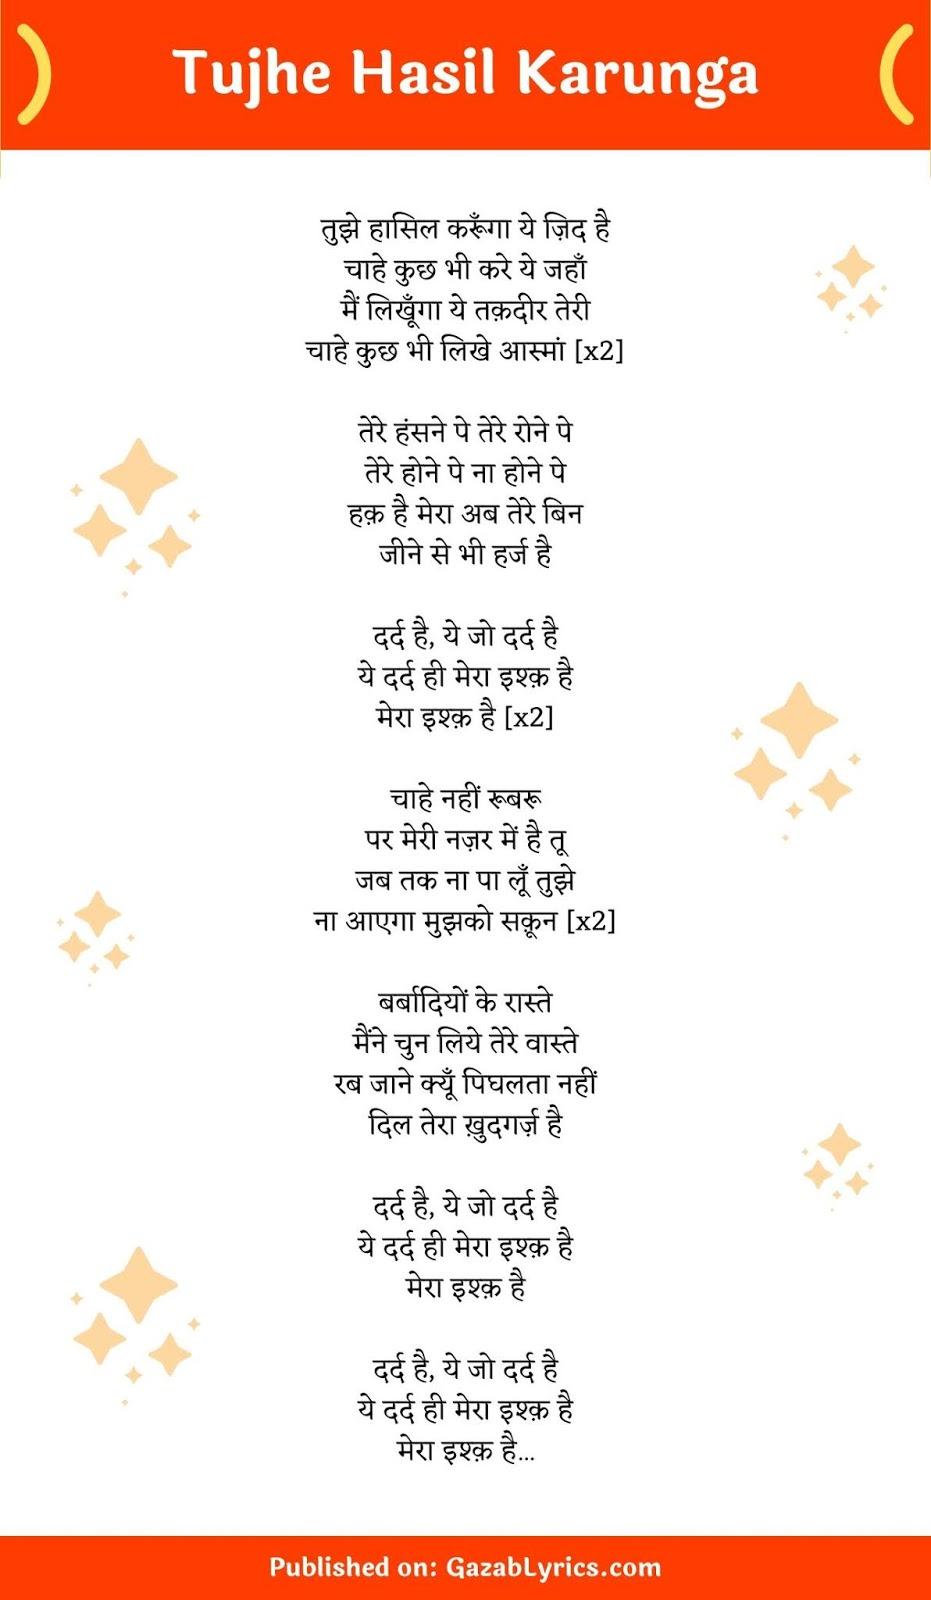 Tujhe Hasil Karunga song lyrics image